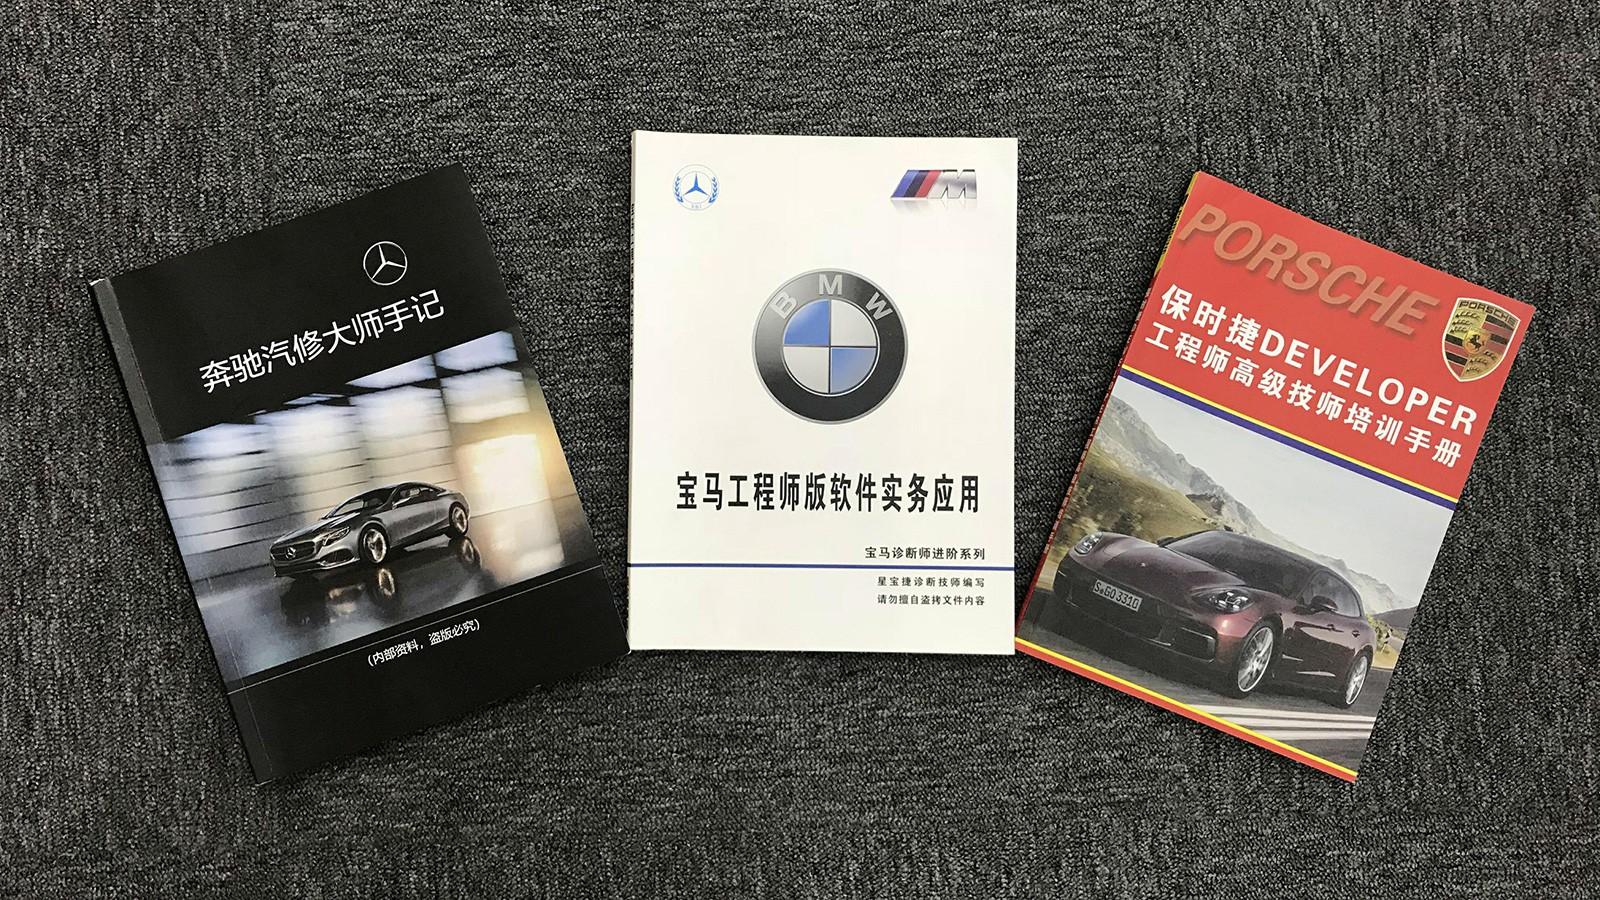 广州实家汽车技术|豪车售后系统服务专家|汽车检测仪|诊断设备|专用工具